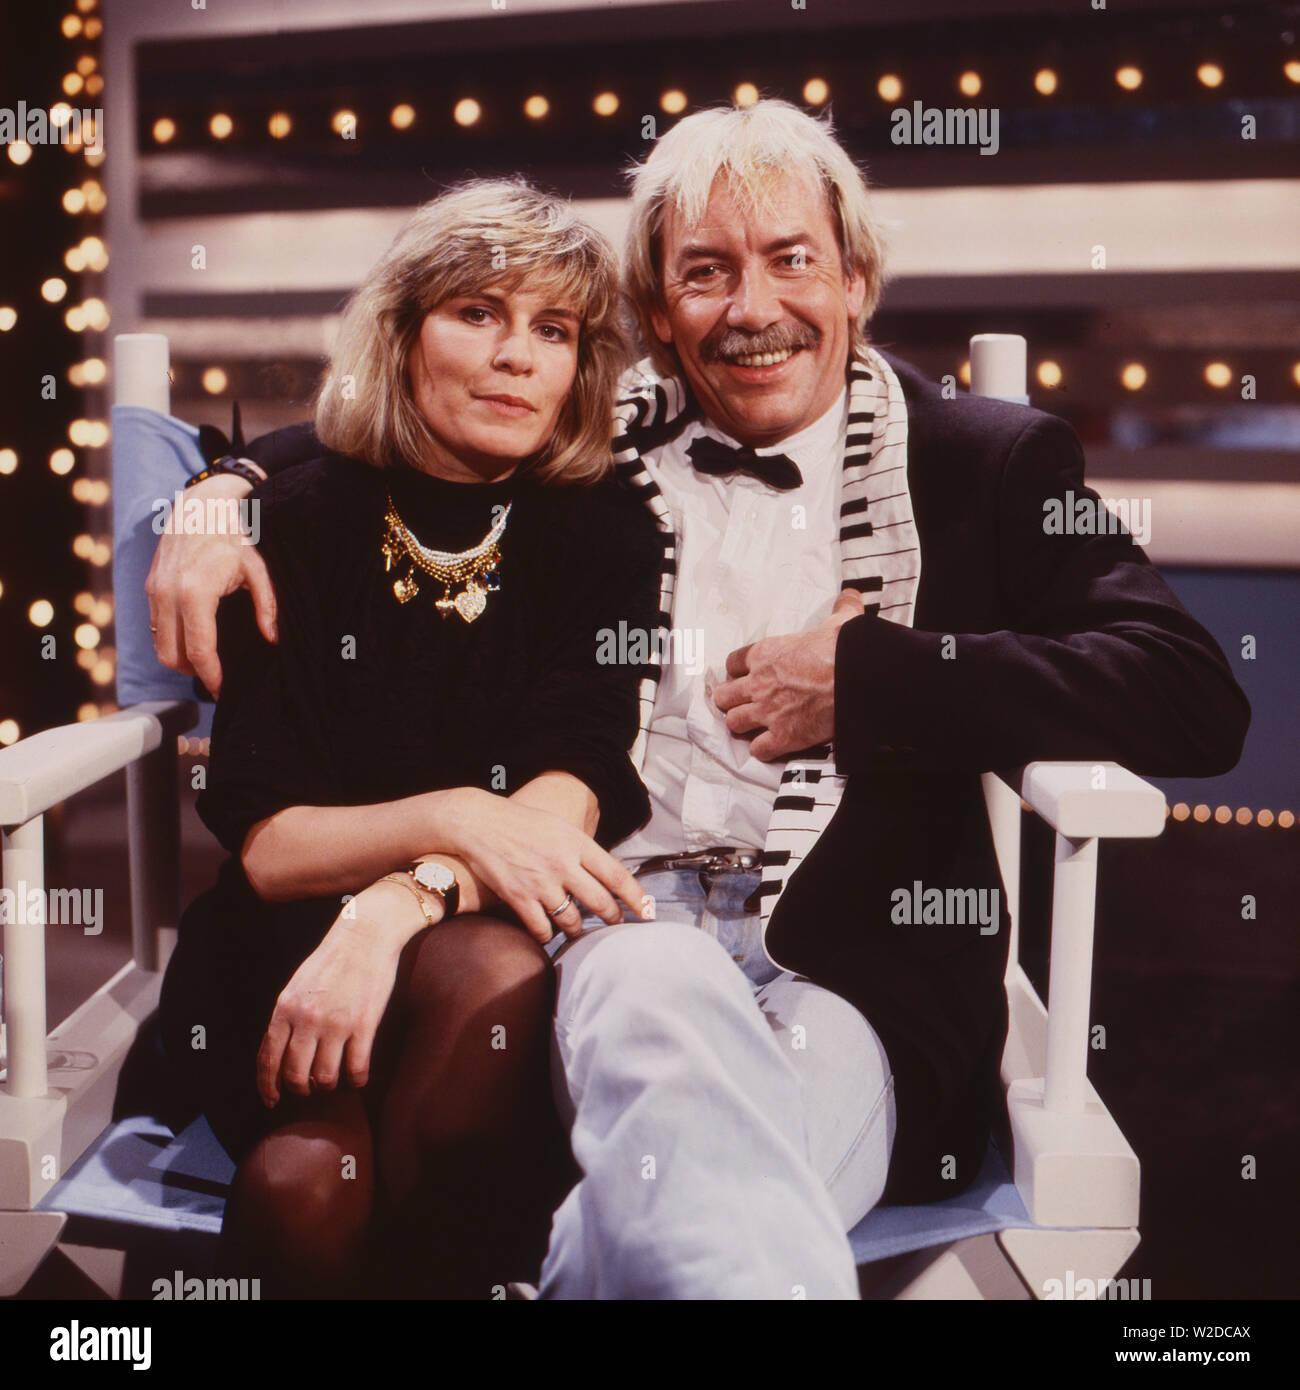 Kaum zu glauben, Fernsehschow, Deutschland 1988, Mitwirkende: Mary Roos, Werner Böhm Stock Photo